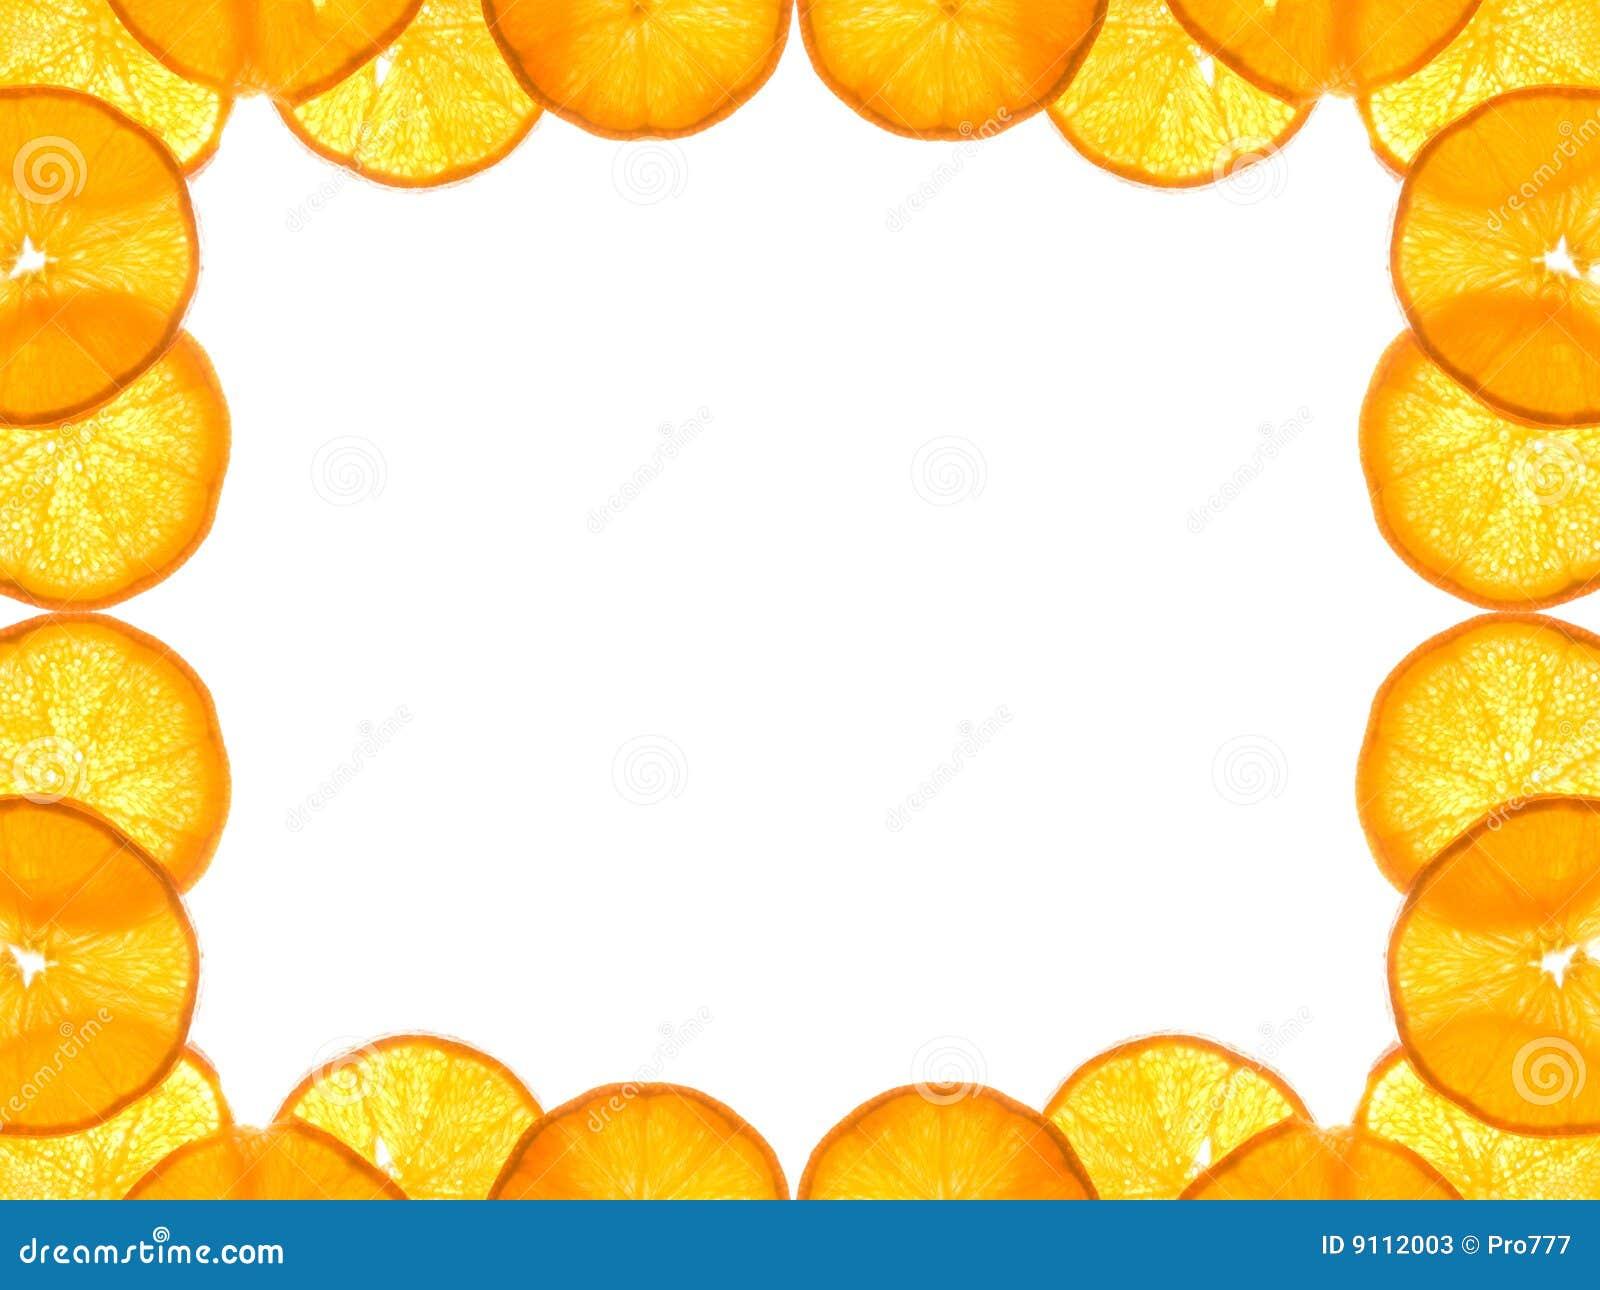 Orange frame stock image. Image of orange, decoration - 9112003